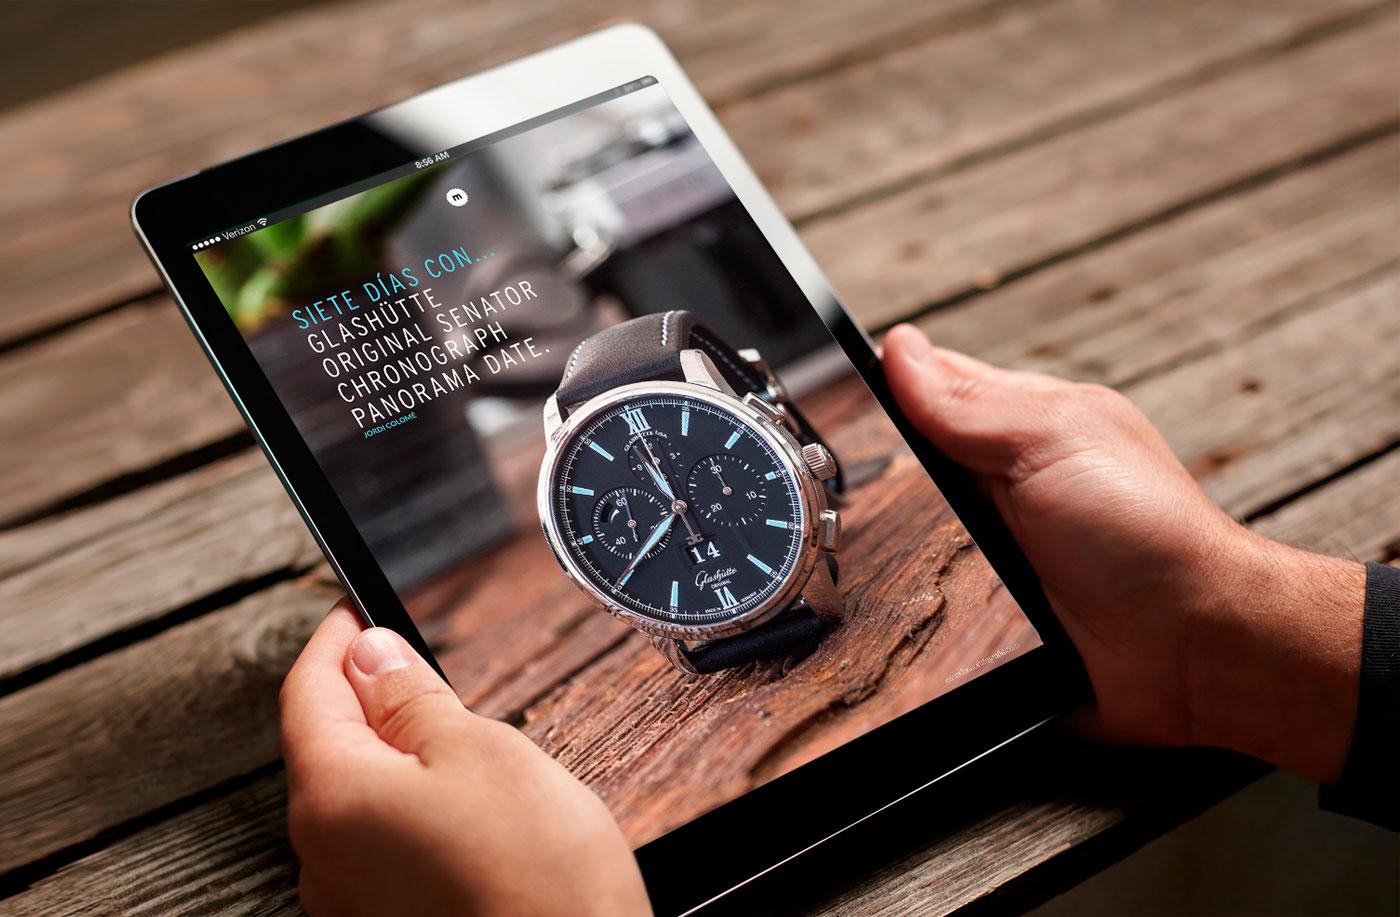 ipad-manufacture-revista-reloj-disseny-creartiva